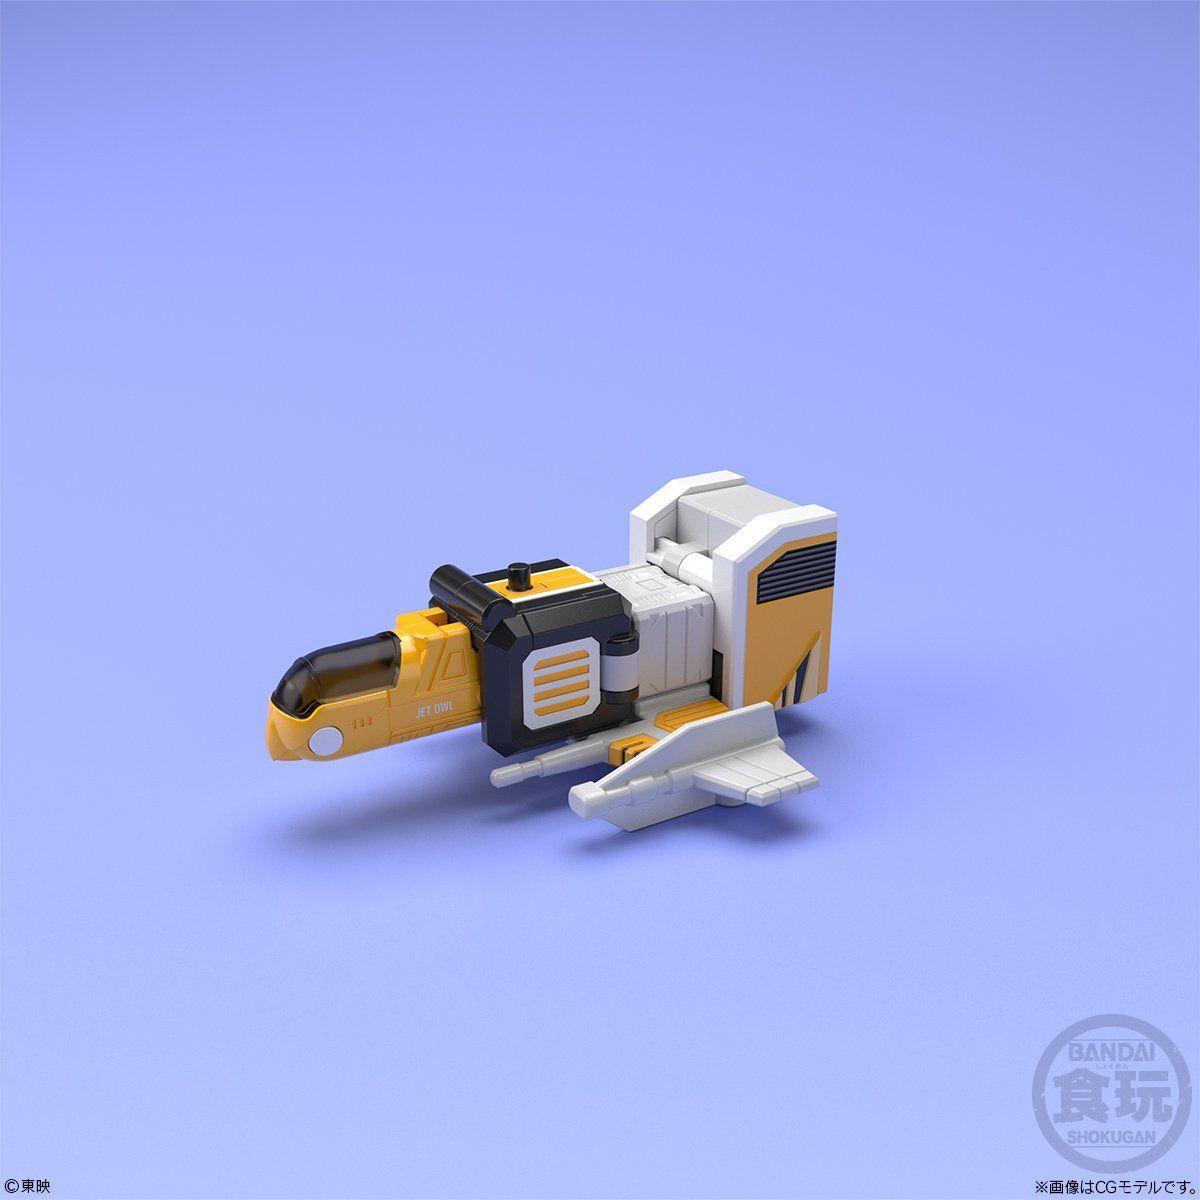 【食玩】スーパーミニプラ『天空合体 ジェットイカロス』鳥人戦隊ジェットマン プラモデル 5個入りBOX-004